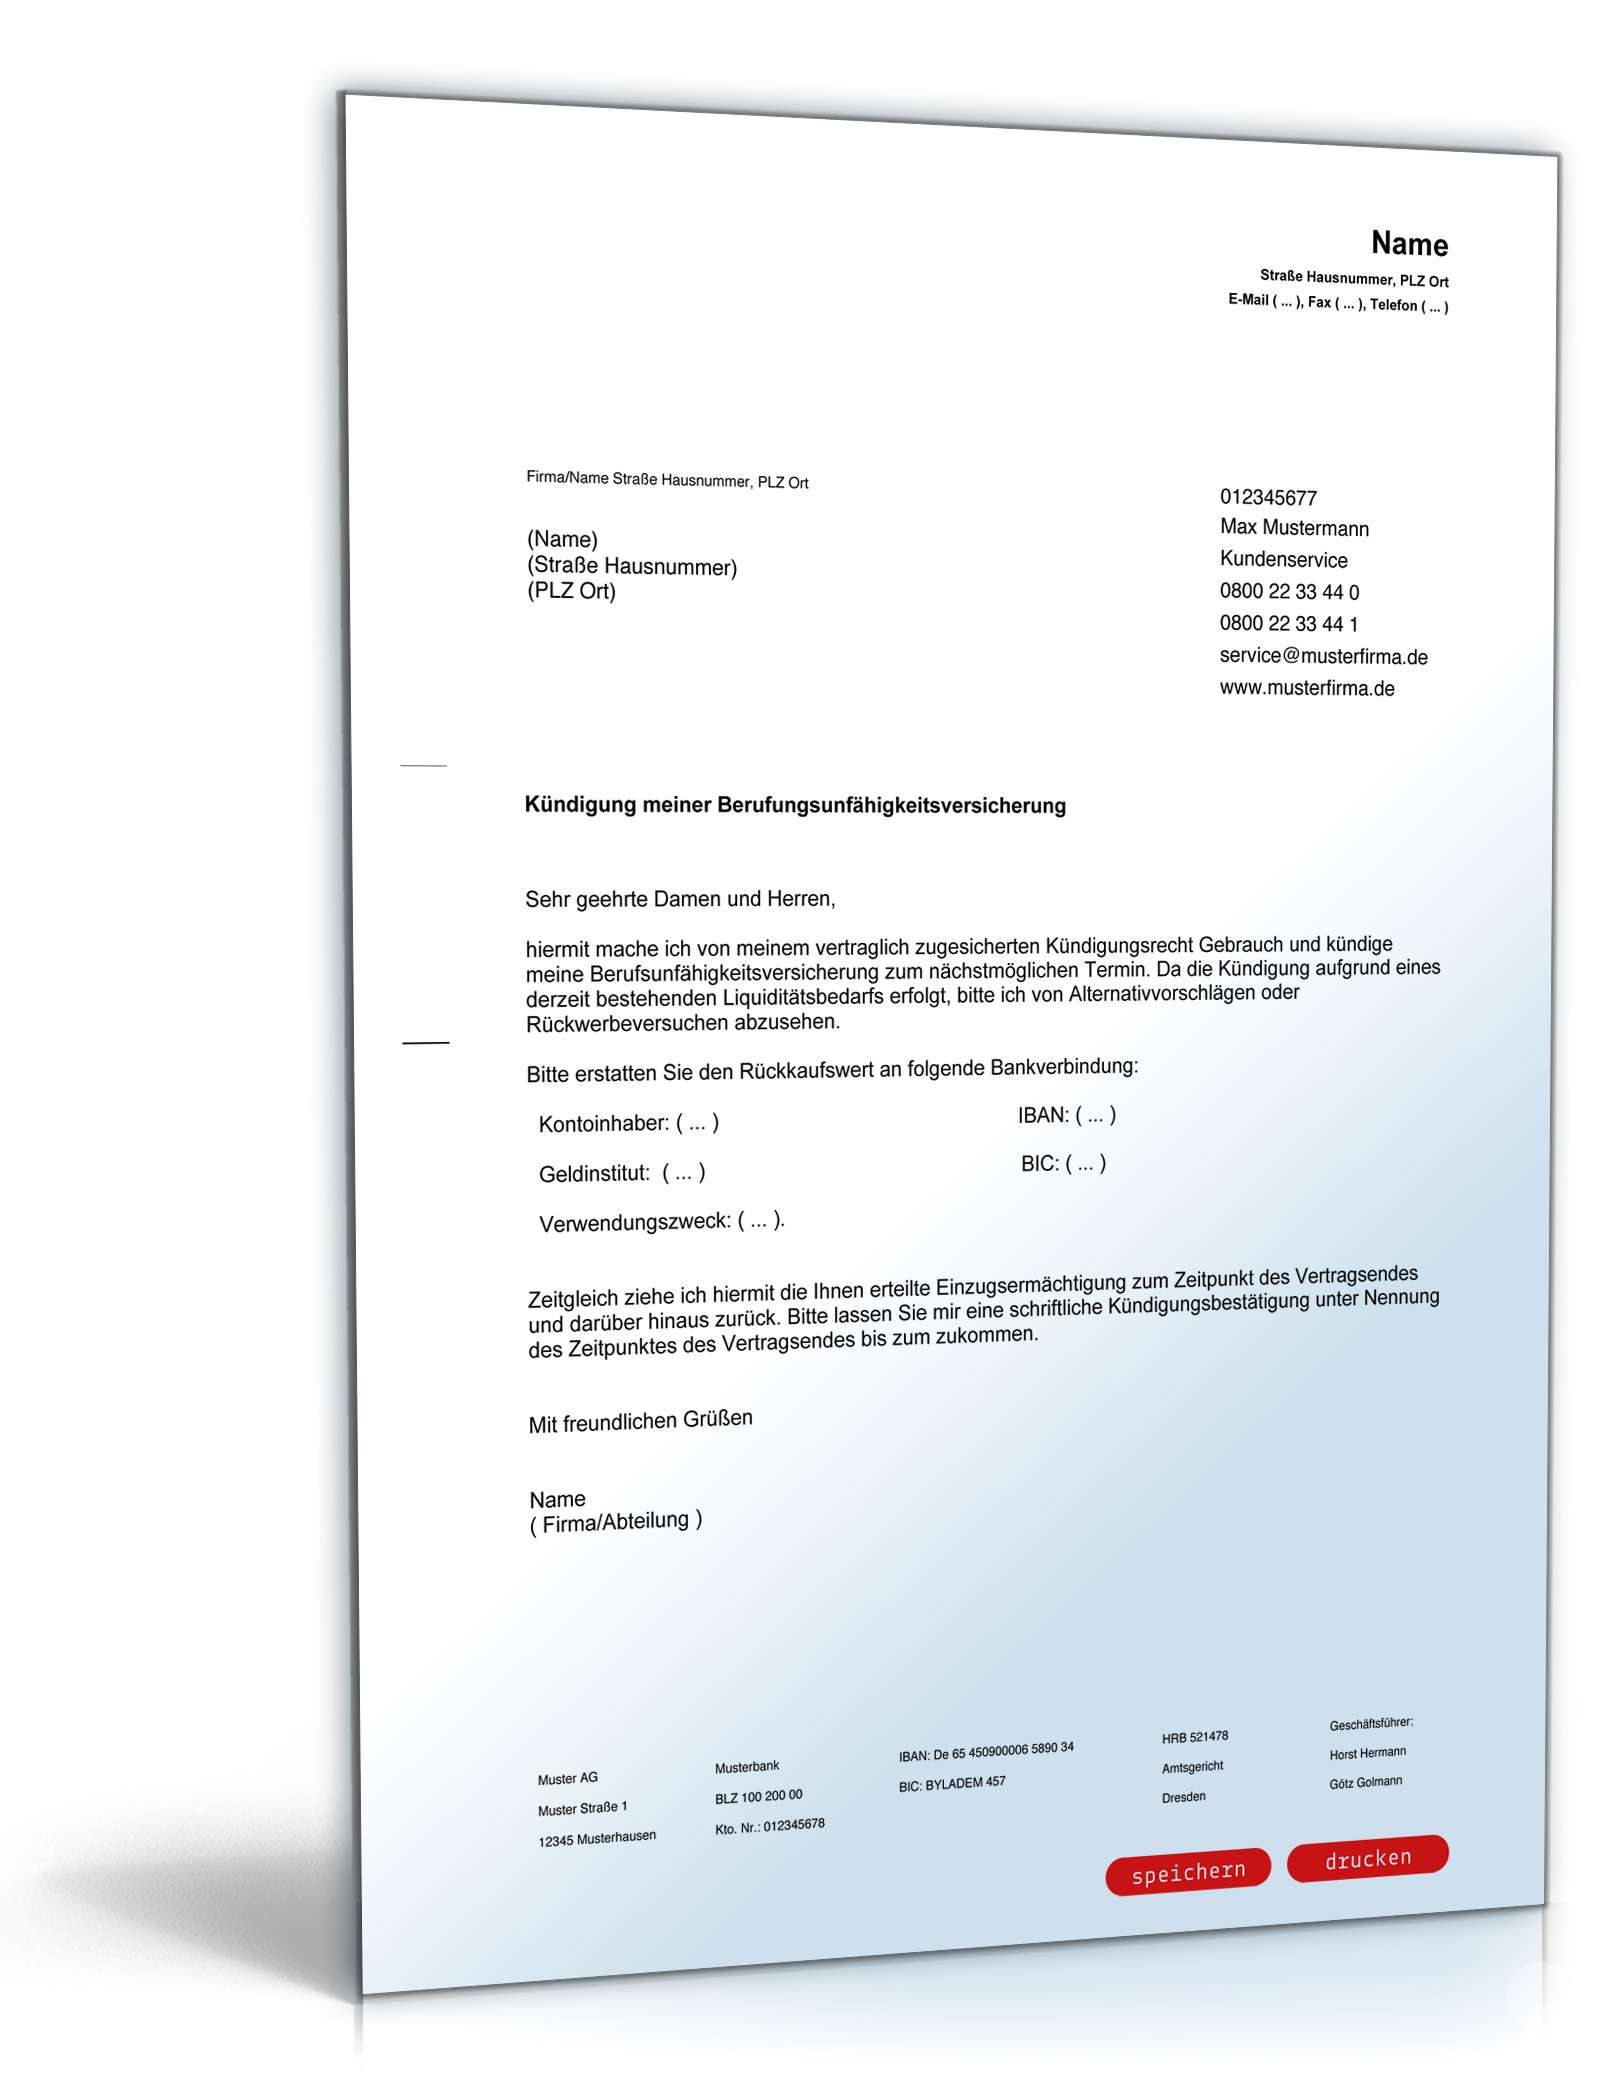 Kündigung Berufsunfähigkeitsversicherung Vorlage Zum Download